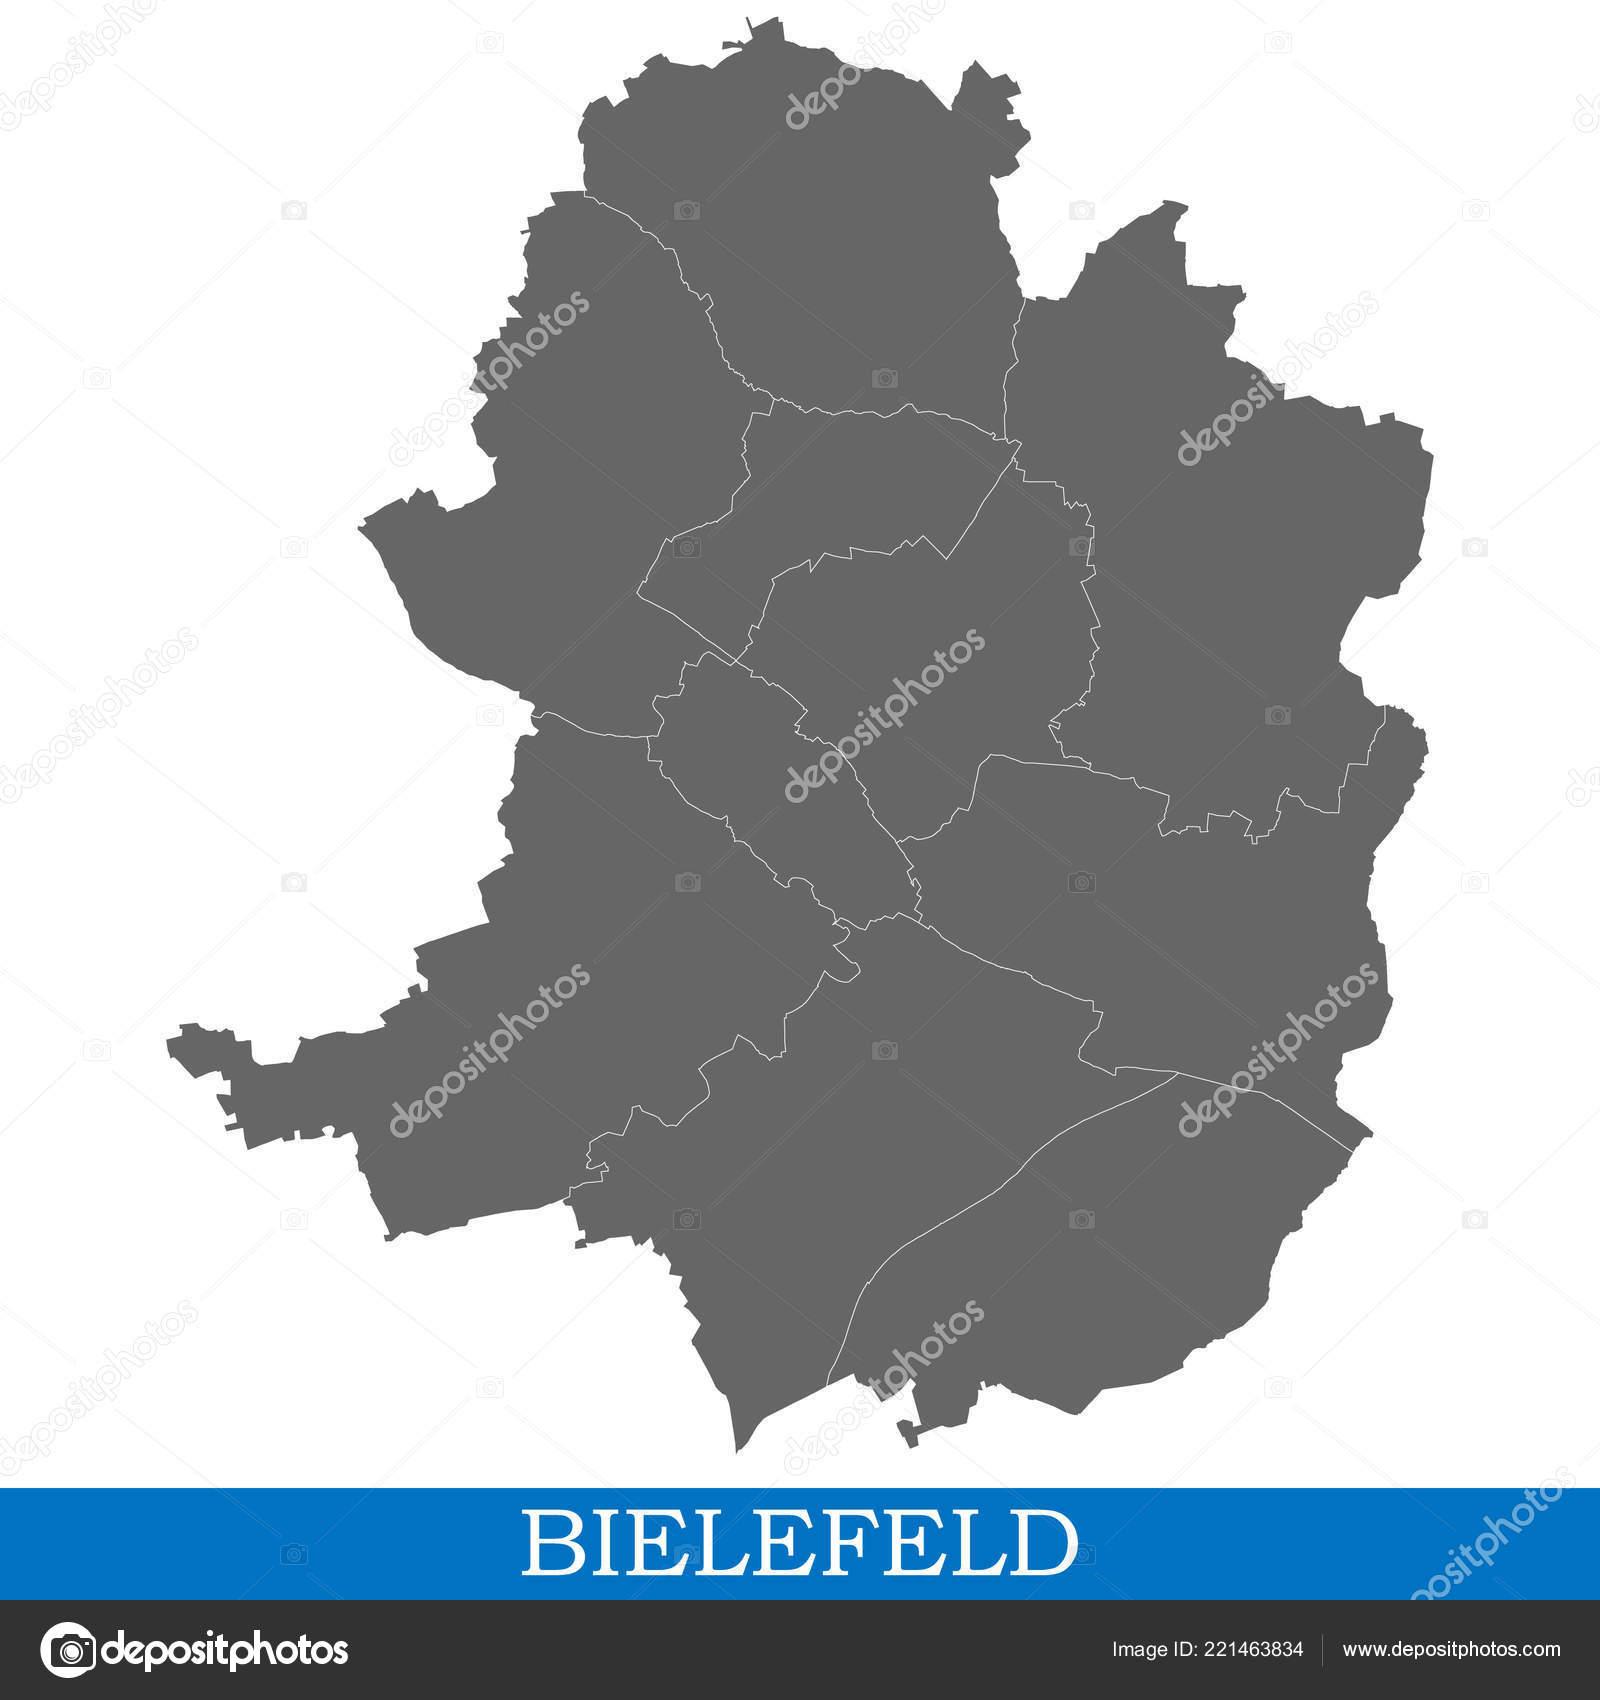 Carte Allemagne Bielefeld.Haute Qualite Carte Bielefeld Est Une Ville Allemagne Avec